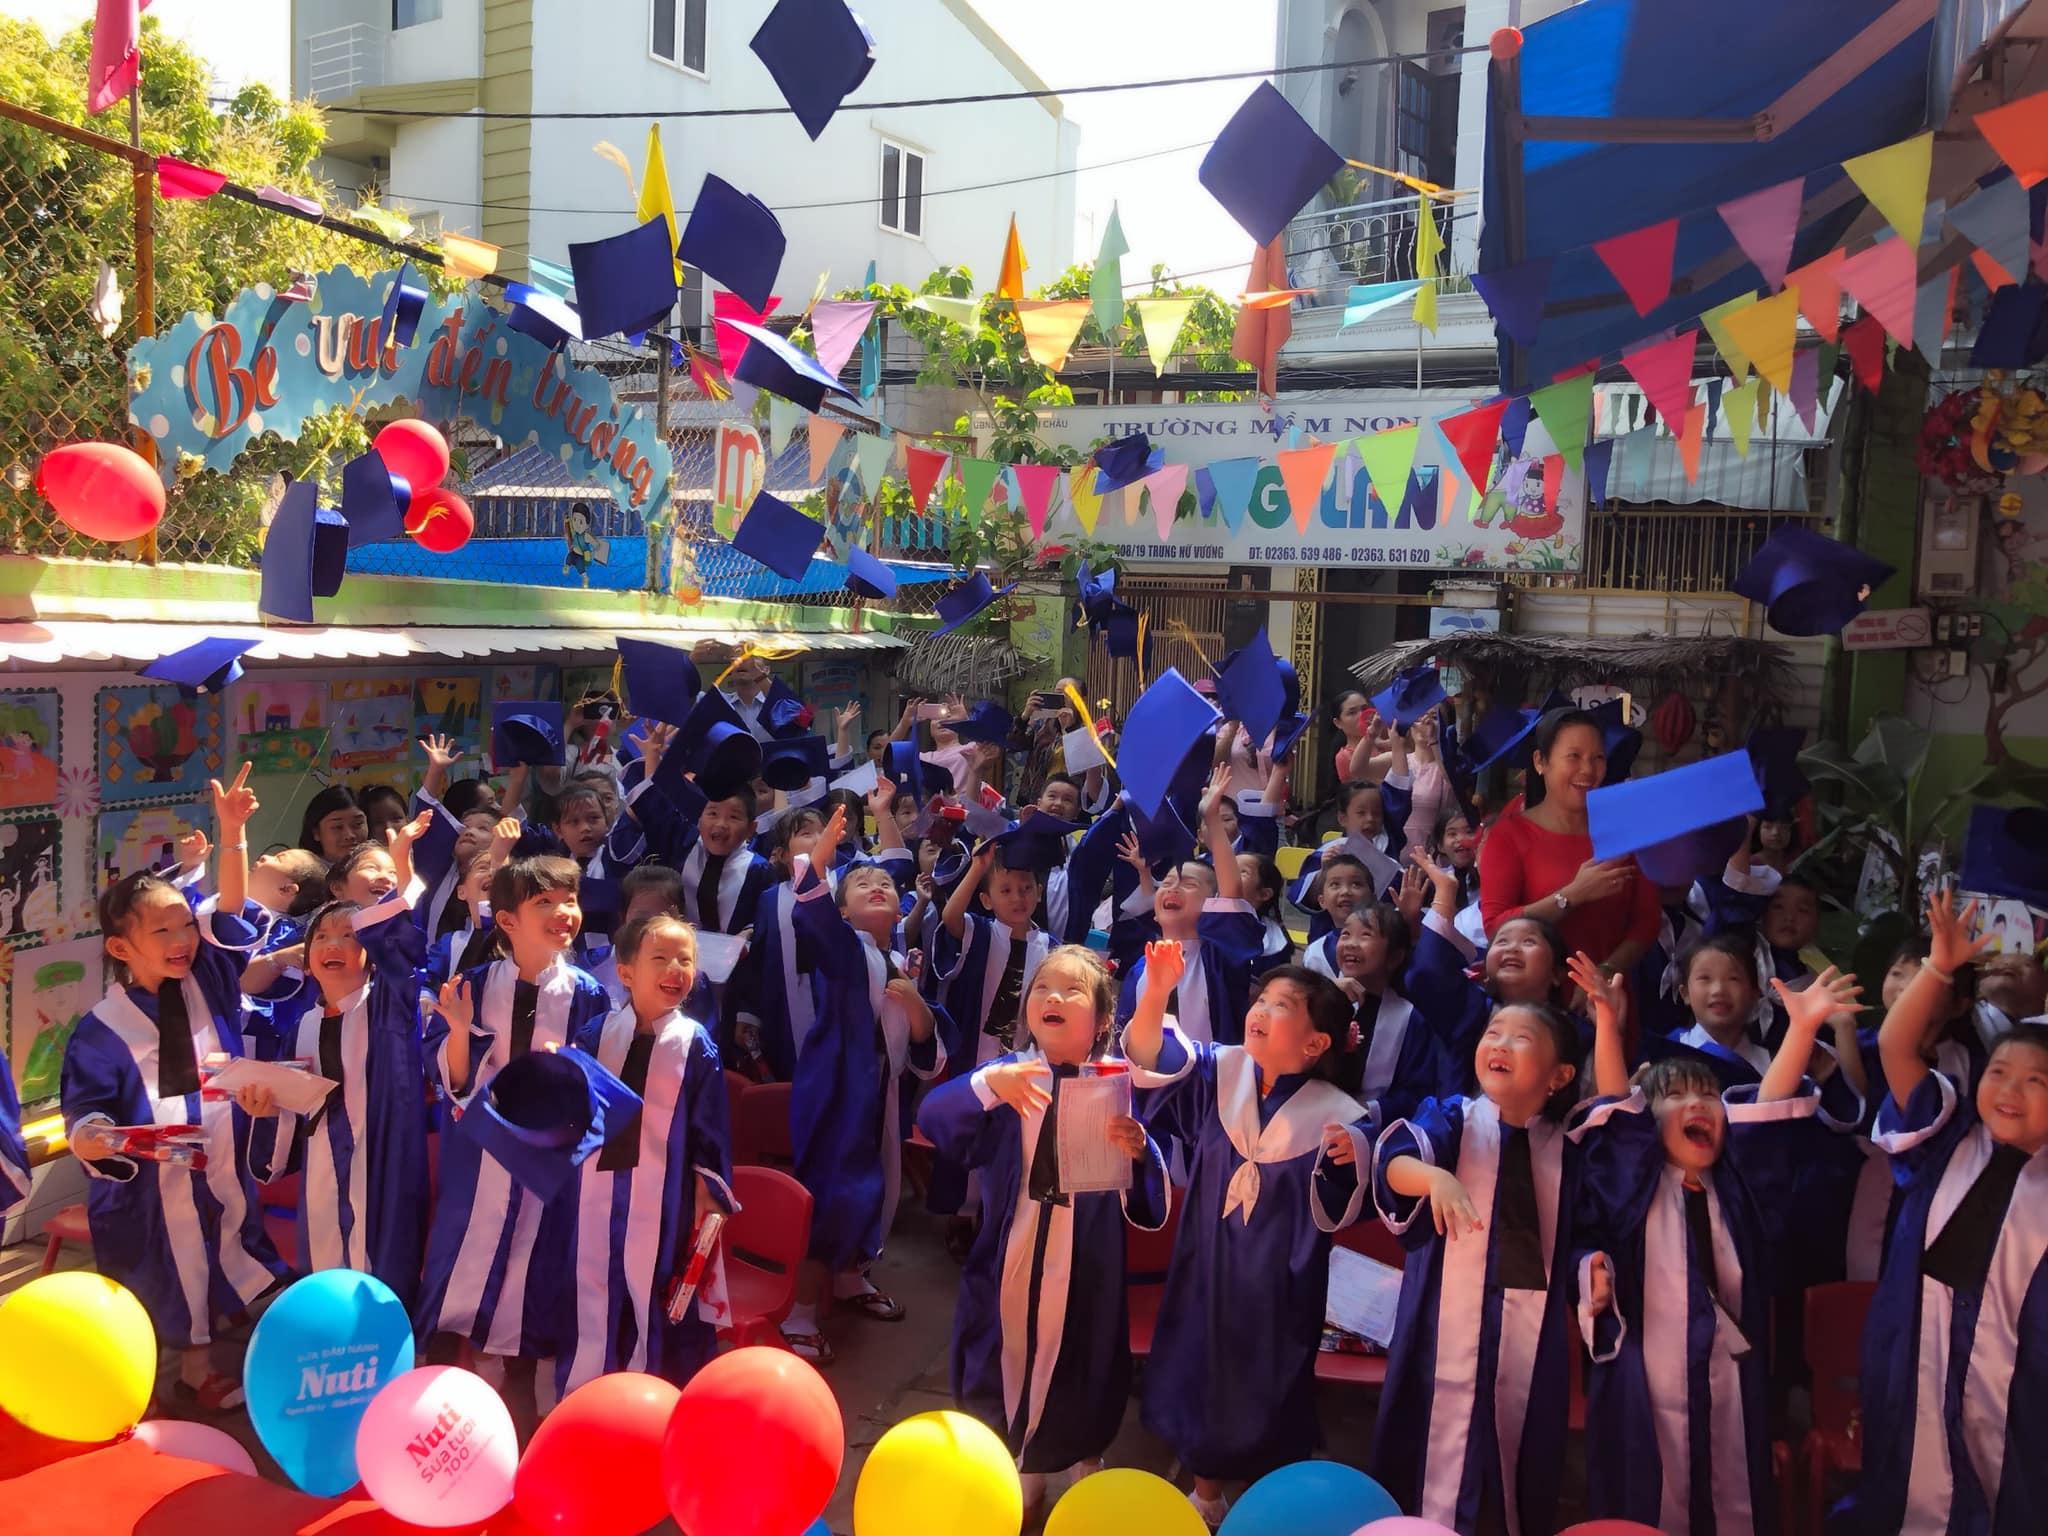 Trường mầm non Hoàng Lan Cơ Sở 2 - Núi Thành